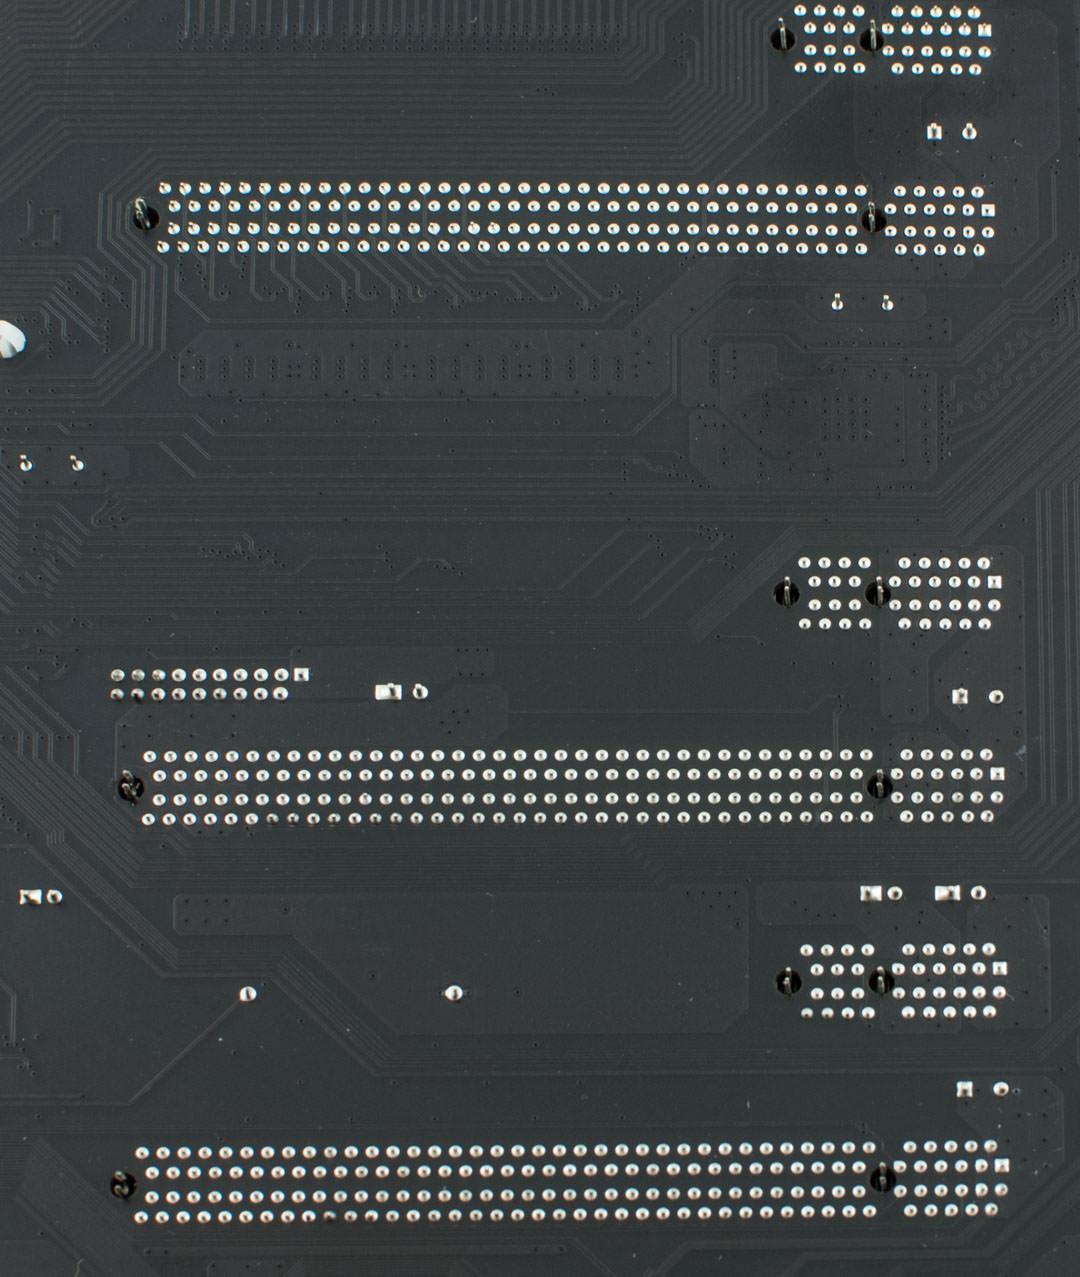 Обзор материнской платы BIOSTAR Hi-Fi Z77X